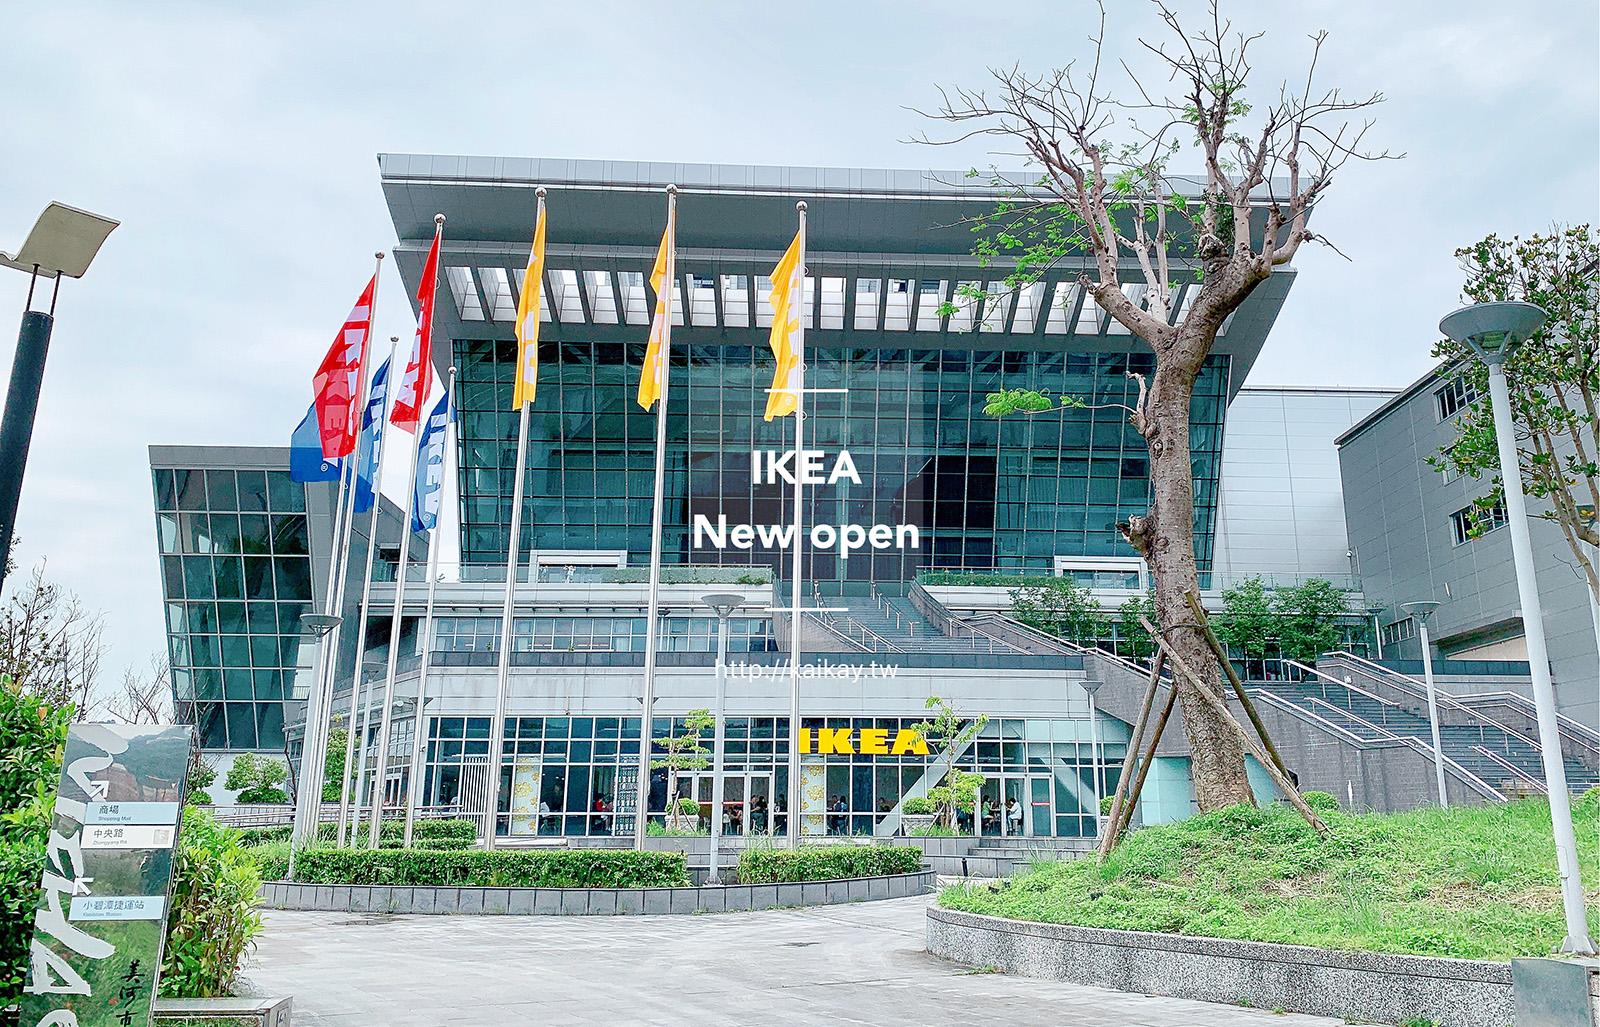 ☆【有片】IKEA 宜家家居小碧潭店開幕了!來逛逛新店的獨家亮點 @凱的日本食尚日記